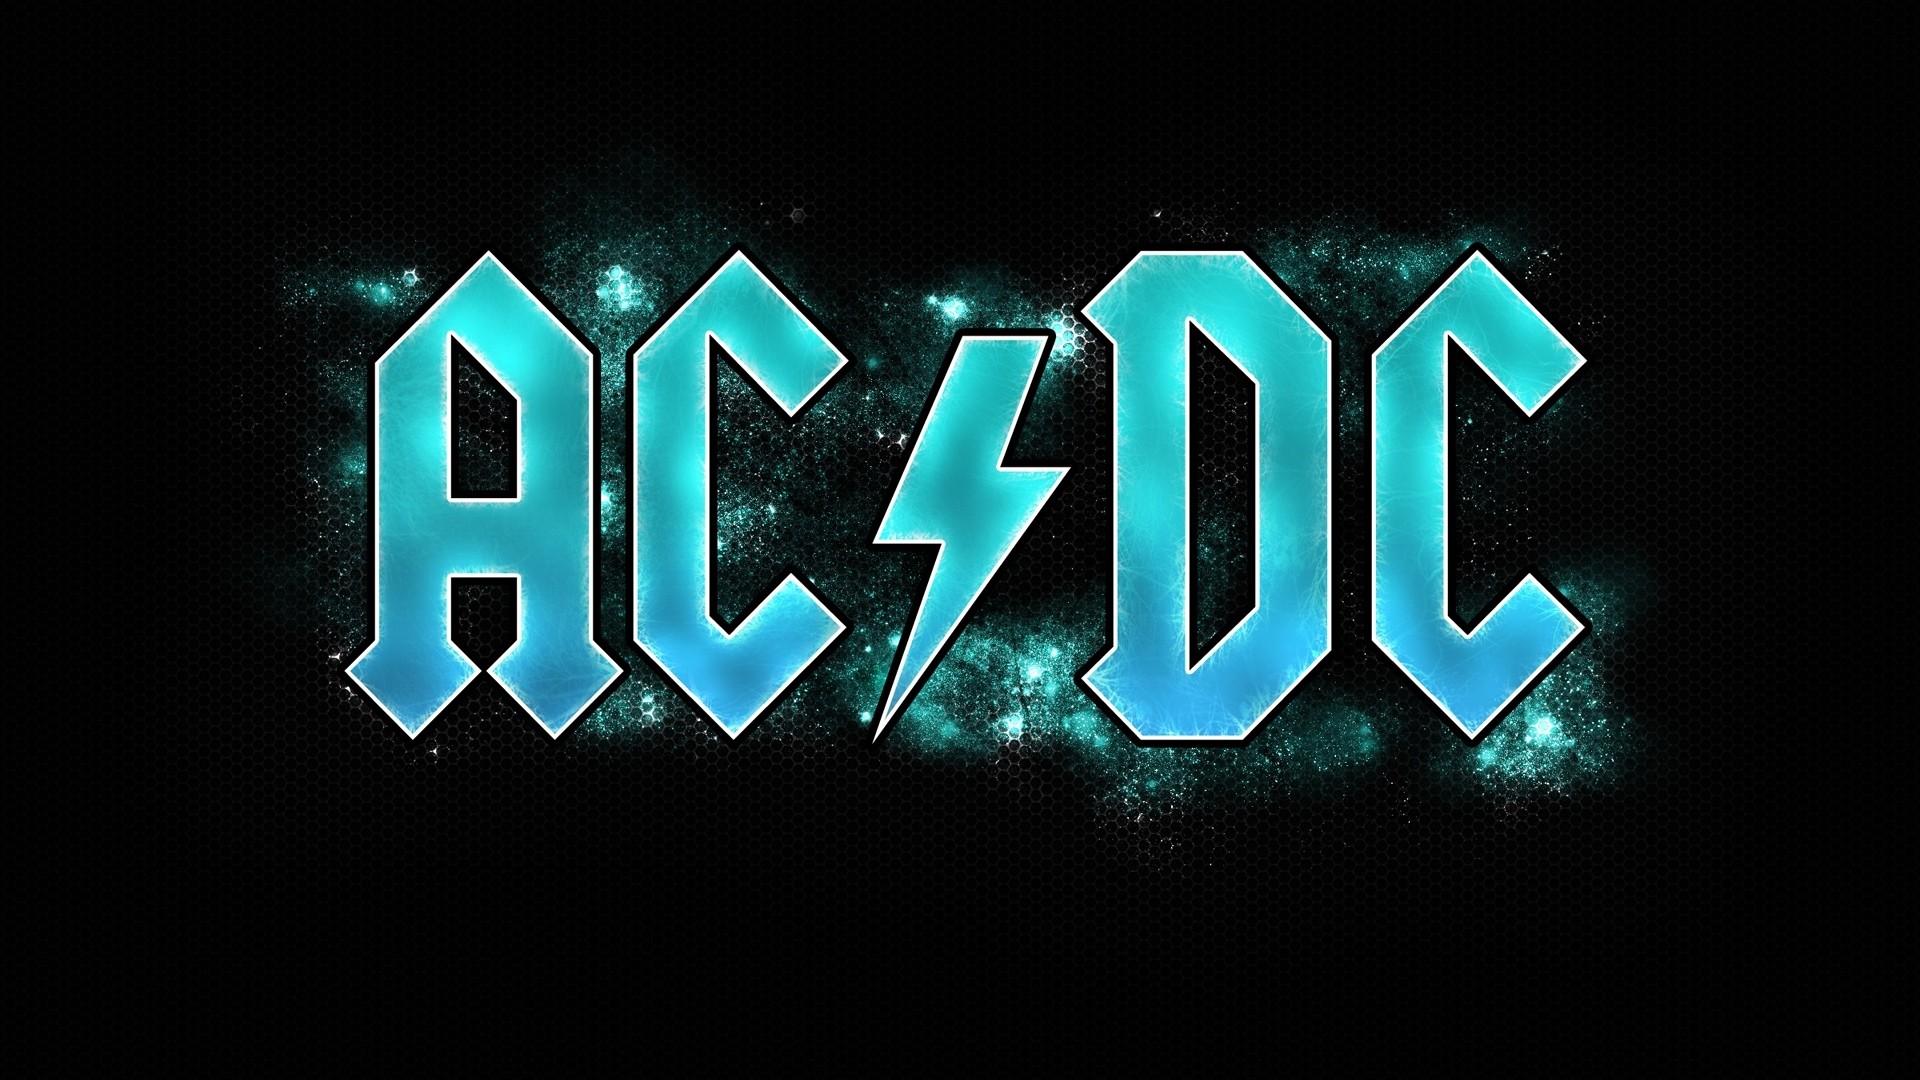 1920x1080 Profiles In History Rock And Roll Auction 59 Lot 124 Van Halen Frankenstrat Guitar